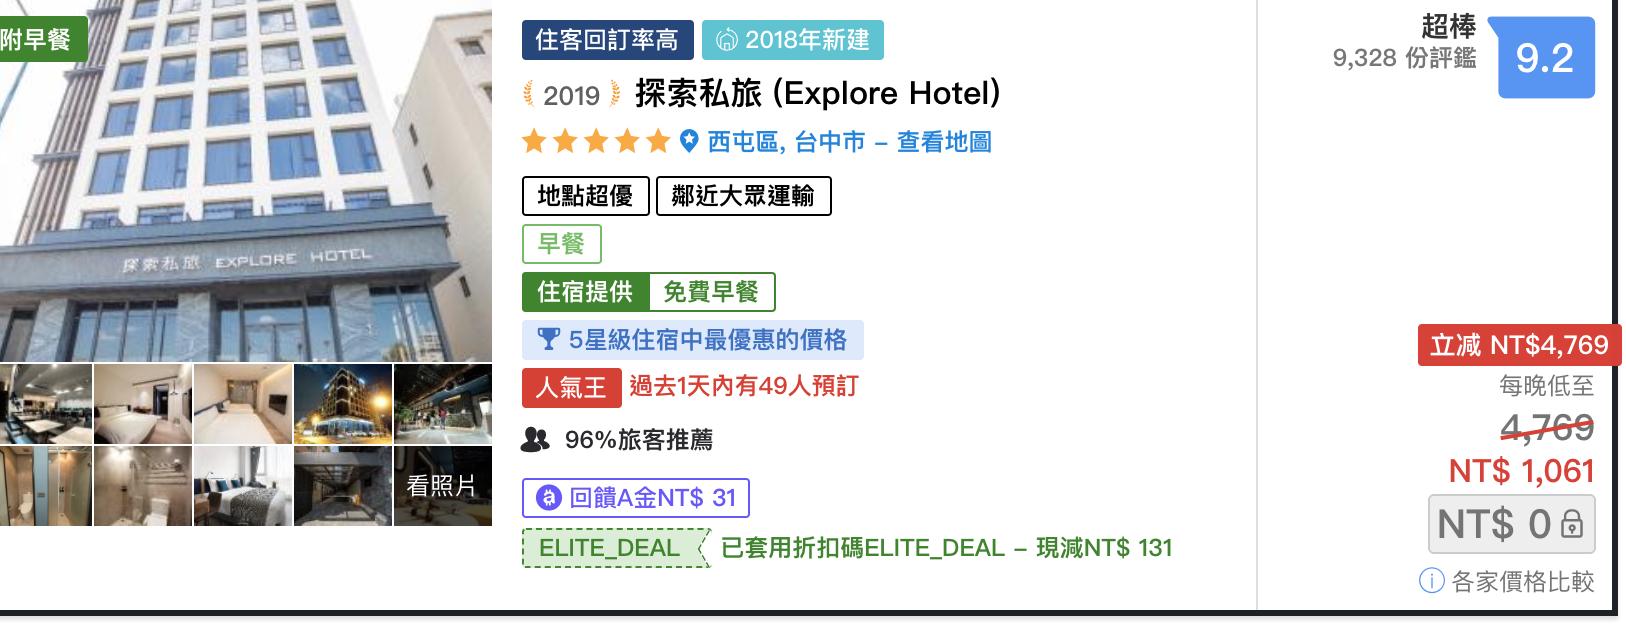 台灣五星級飯店入場趁現在!因應疫情,台灣各城市五星級飯店優惠總整理~最低1XXX元起~